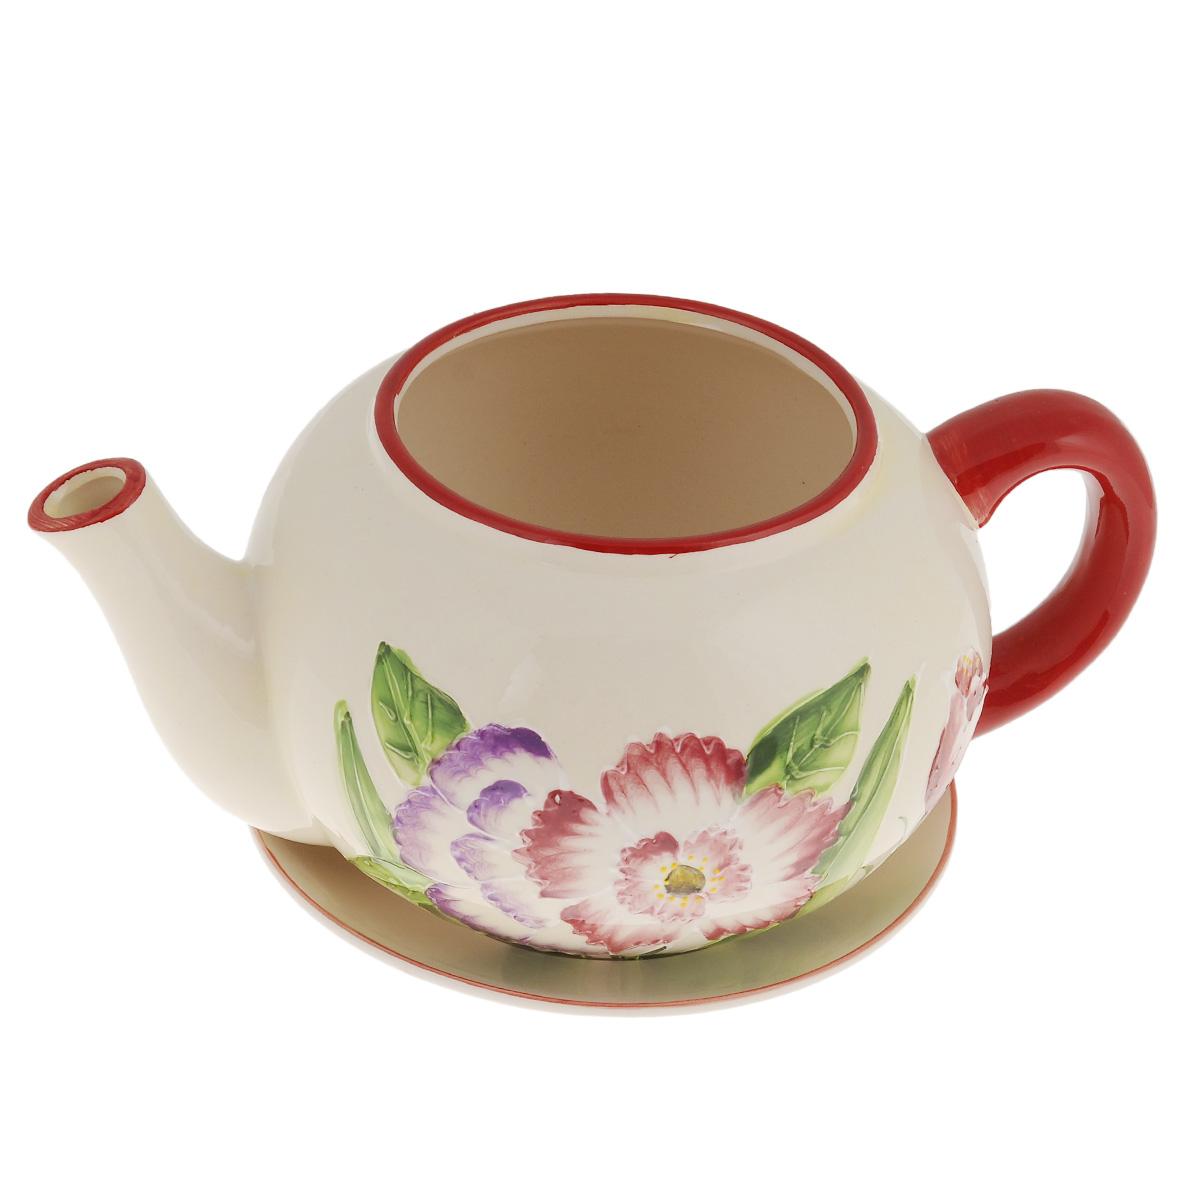 Кашпо Lillo Заварочный чайник, с поддоном. XY10S015-1CGPR10-06-CКашпо-горшок для цветов Lillo Заварочный чайник выполнен из прочной керамики и декорирован красочным рисунком. Изделие предназначено для цветов.Такие изделия часто становятся последним штрихом, который совершенно изменяет интерьер помещения или ландшафтный дизайн сада. Благодаря такому кашпо вы сможете украсить вашу комнату, офис, сад и другие места. Изделие оснащено специальным поддоном - блюдцем.Диаметр кашпо по верхнему краю: 12 см.Высота кашпо (без учета поддона): 14 см.Диаметр поддона: 20,5 см.